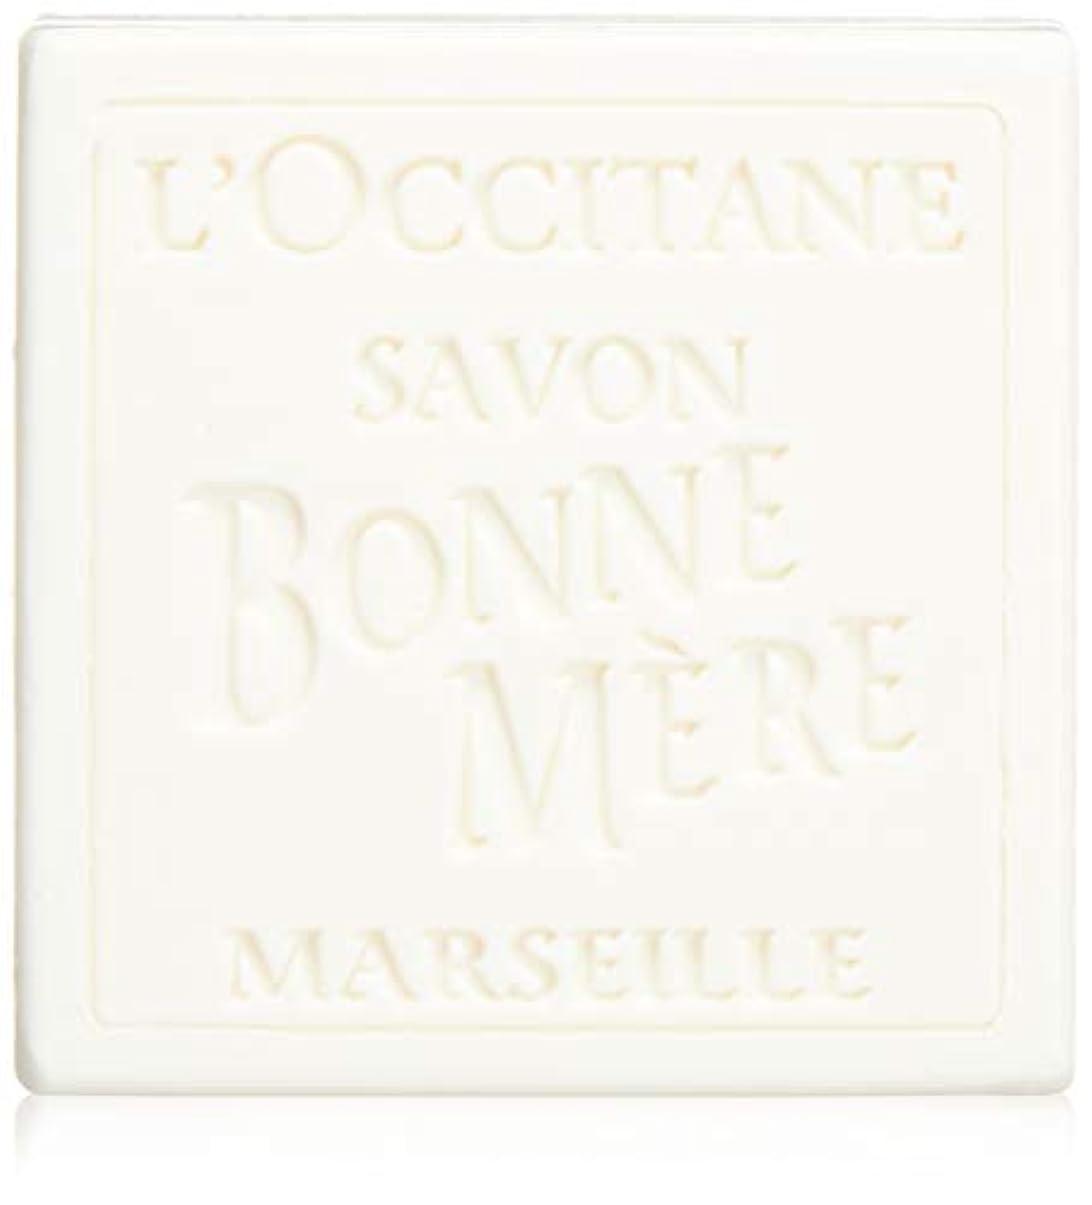 オーナーブレーキ三角形ロクシタン(L'OCCITANE) ボンメールソープ ミルク 100g